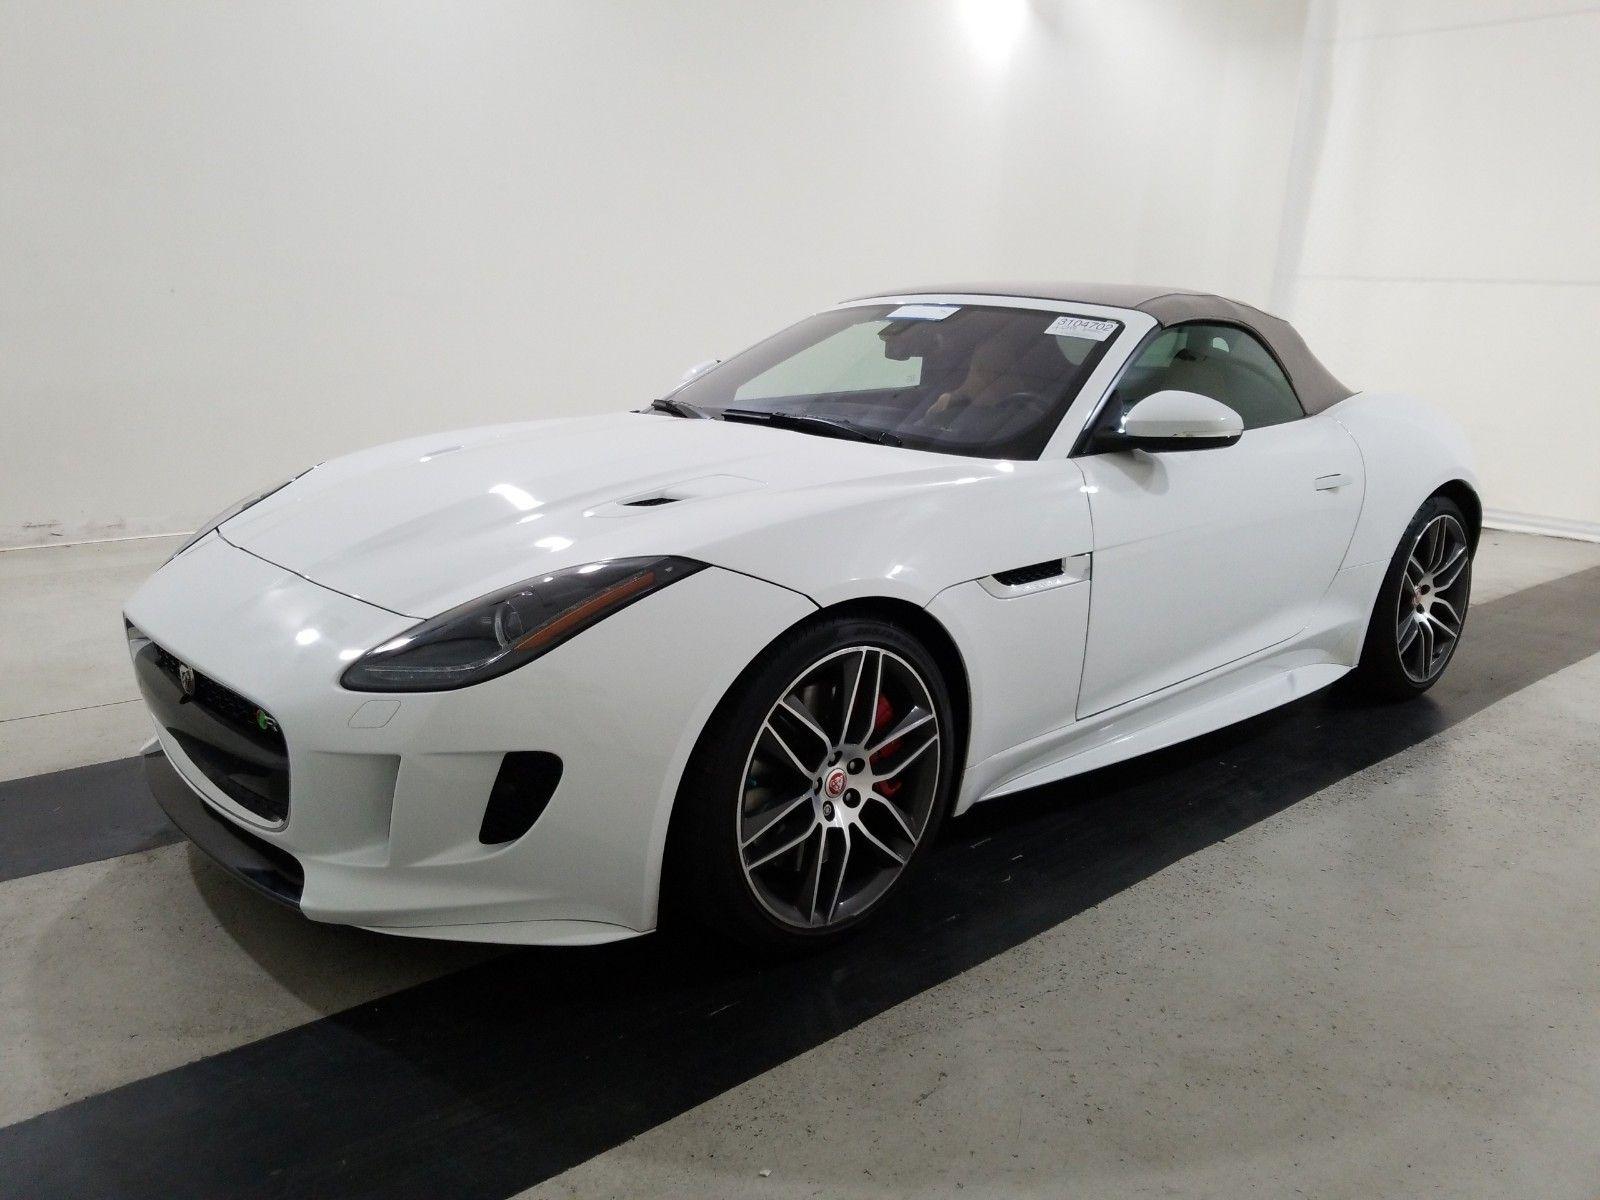 2017 Jaguar F-type 5.0. Lot 99913828310 Vin SAJWJ6HL6HMK39938